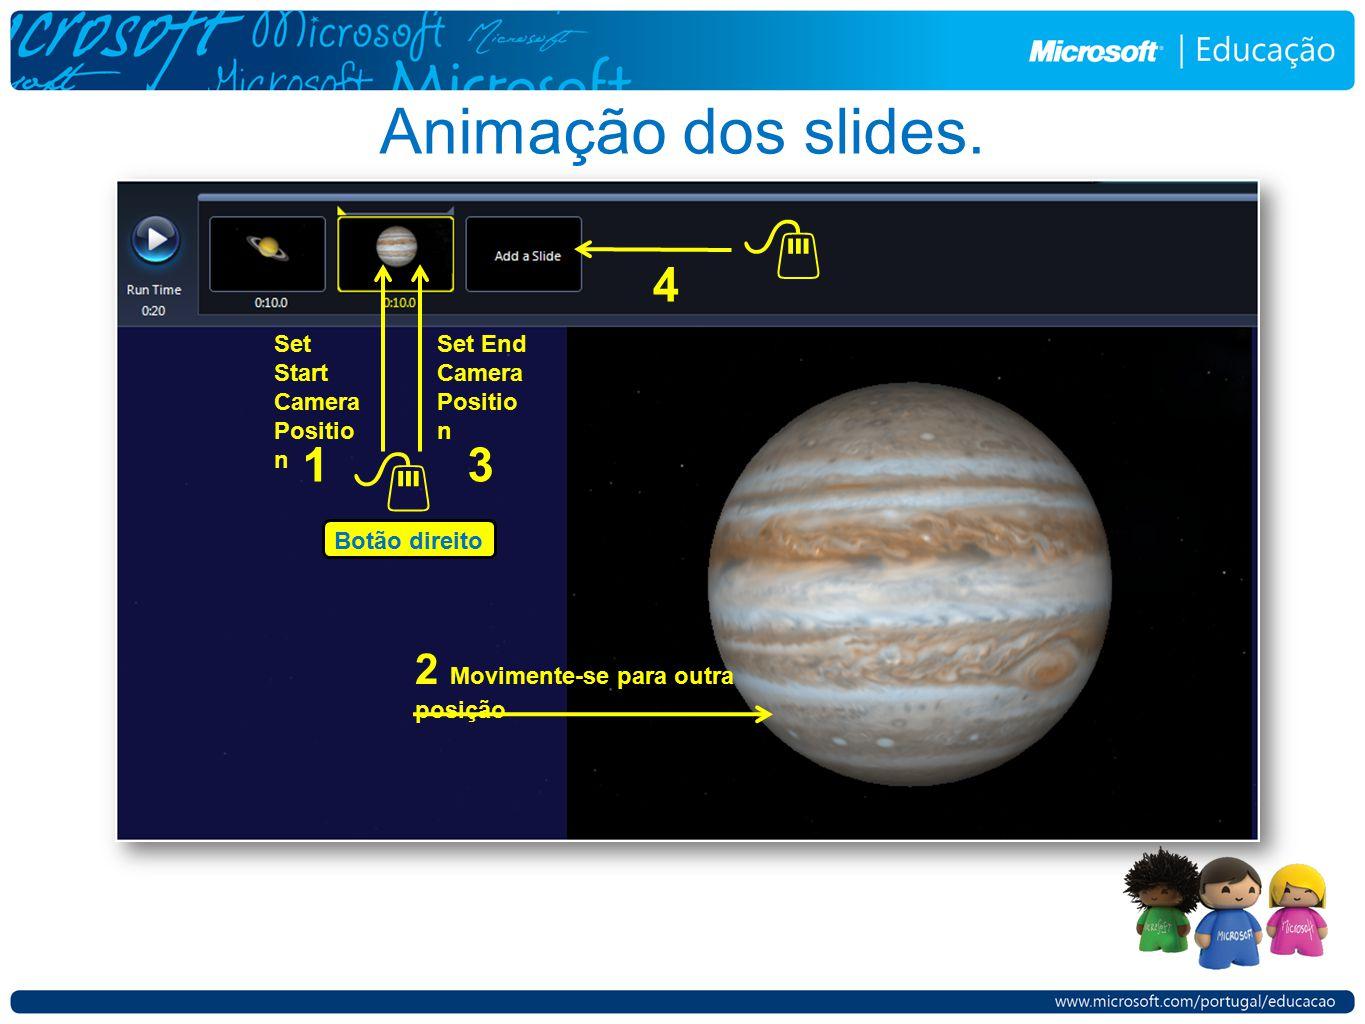 Animação dos slides. Set Start Camera Positio n 2 Movimente-se para outra posição Set End Camera Positio n 13 4 Botão direito